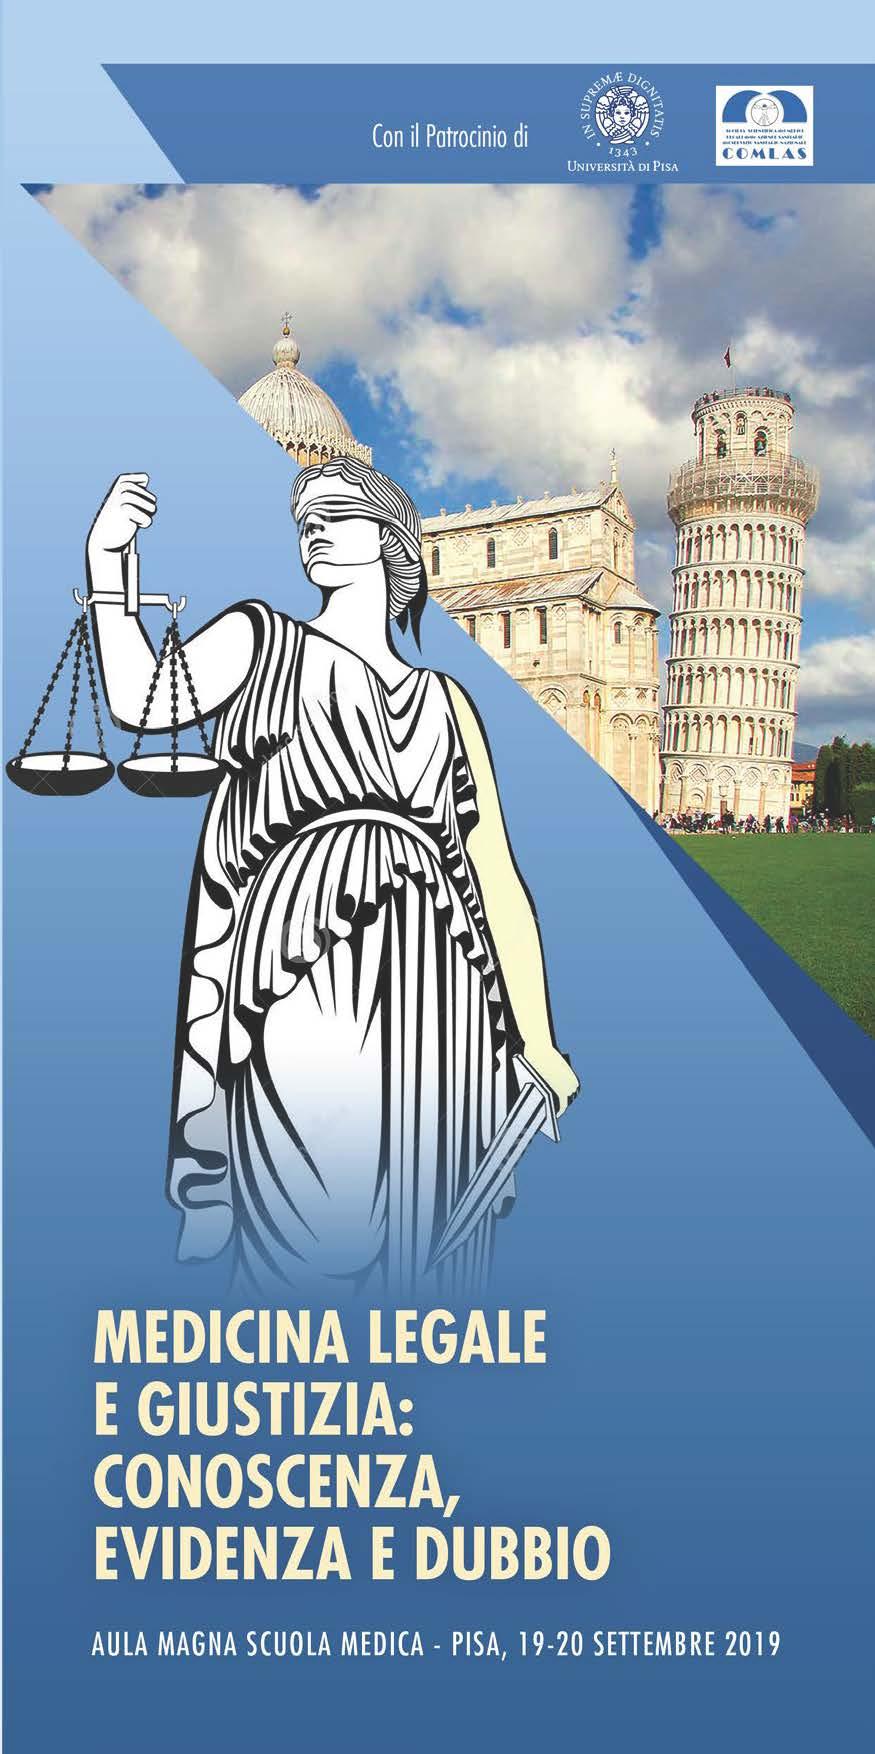 MEDICINA LEGALE E GIUSTIZIA